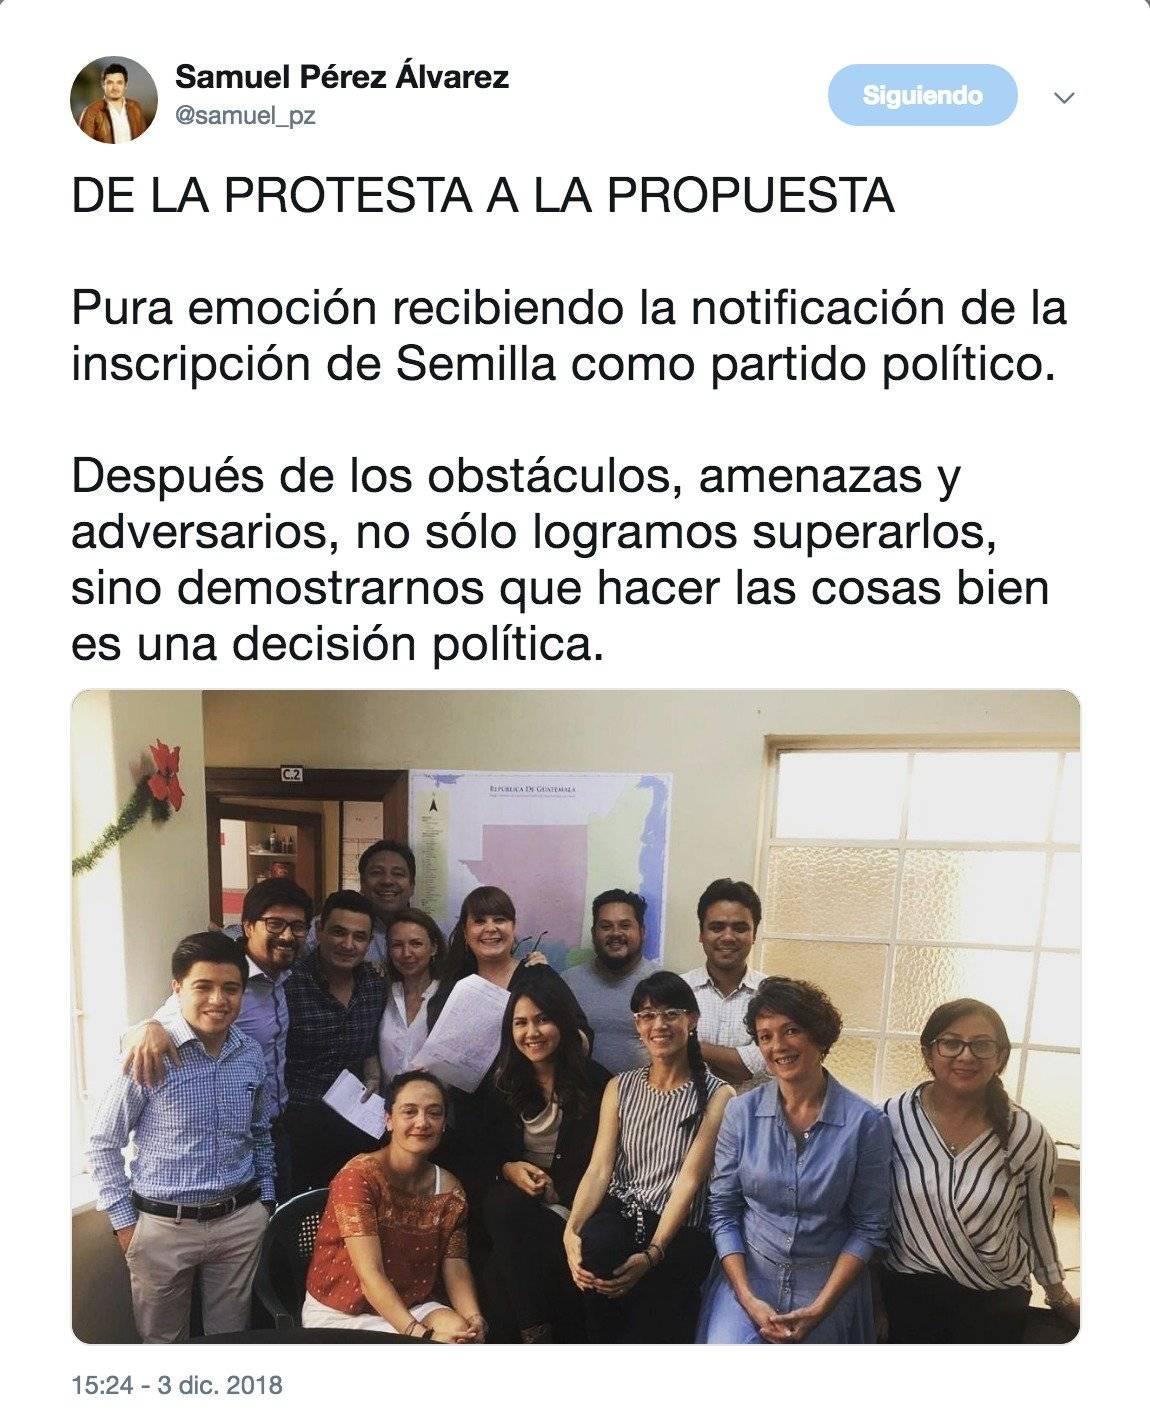 Samuel Pérez Álvarez con una publicación celebró la inscripción del Movimiento Semilla. Foto: Twitter